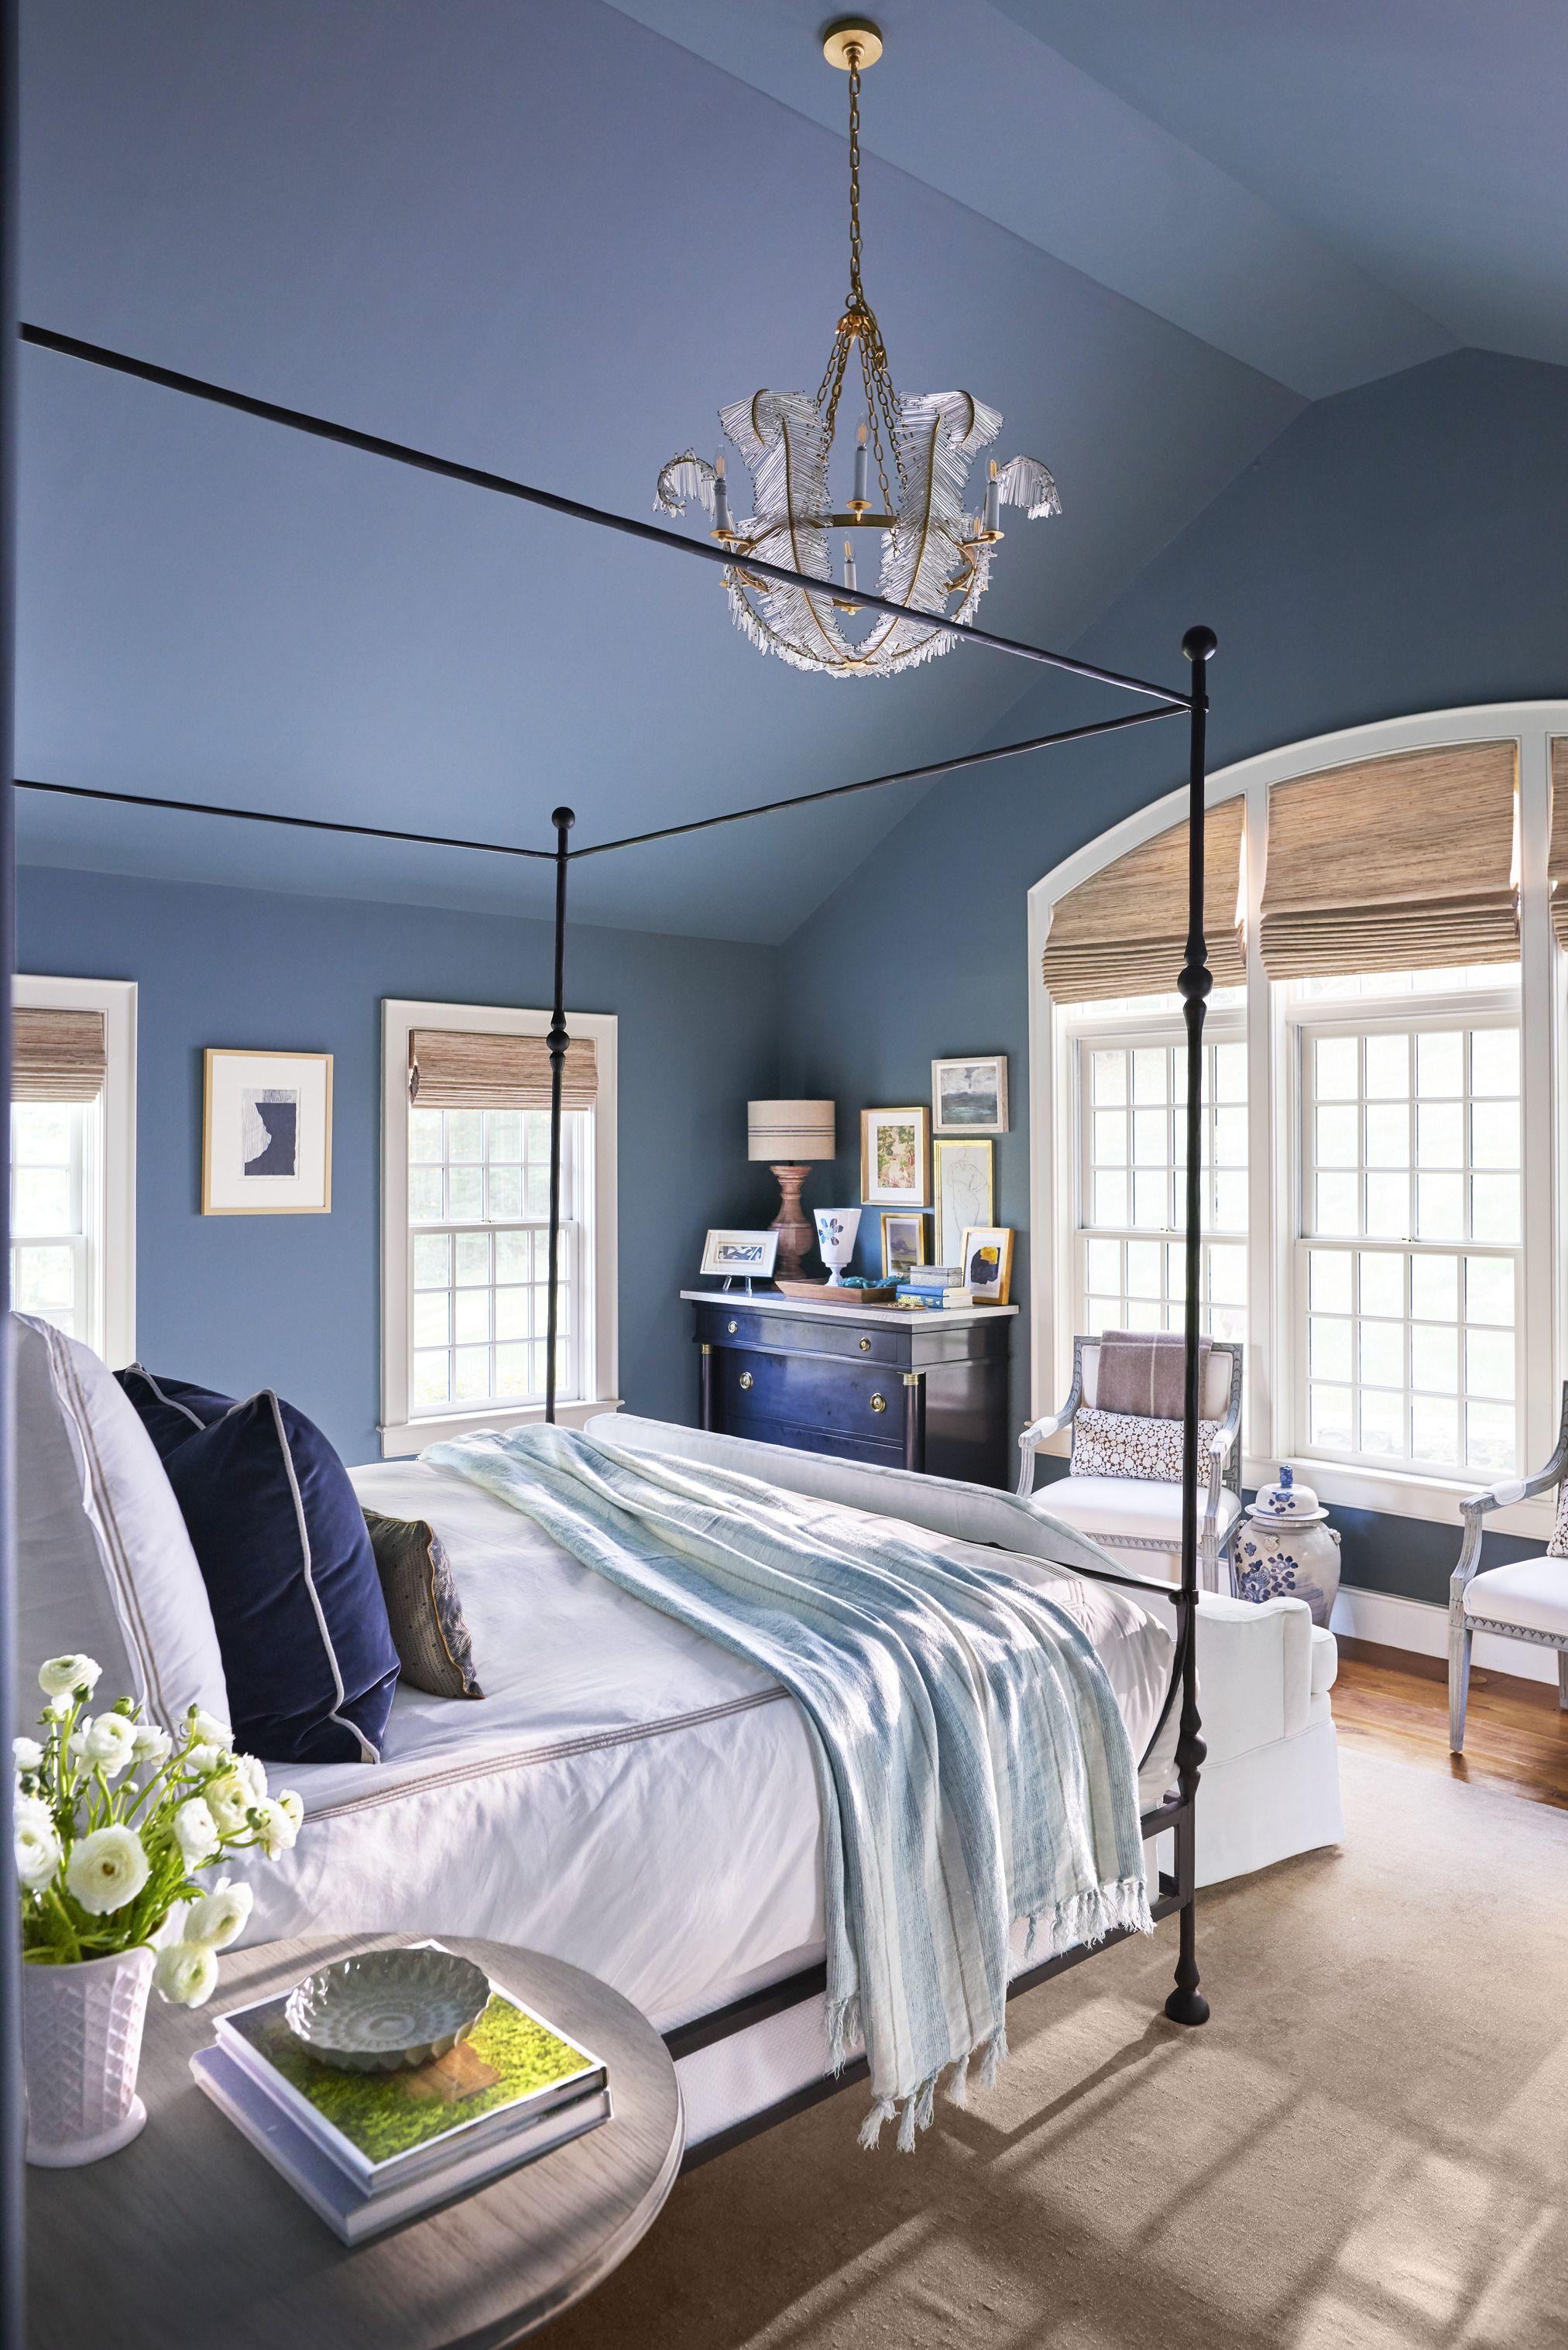 Bedroom Paint Color Ideas - Best Paint Colors for Bedrooms